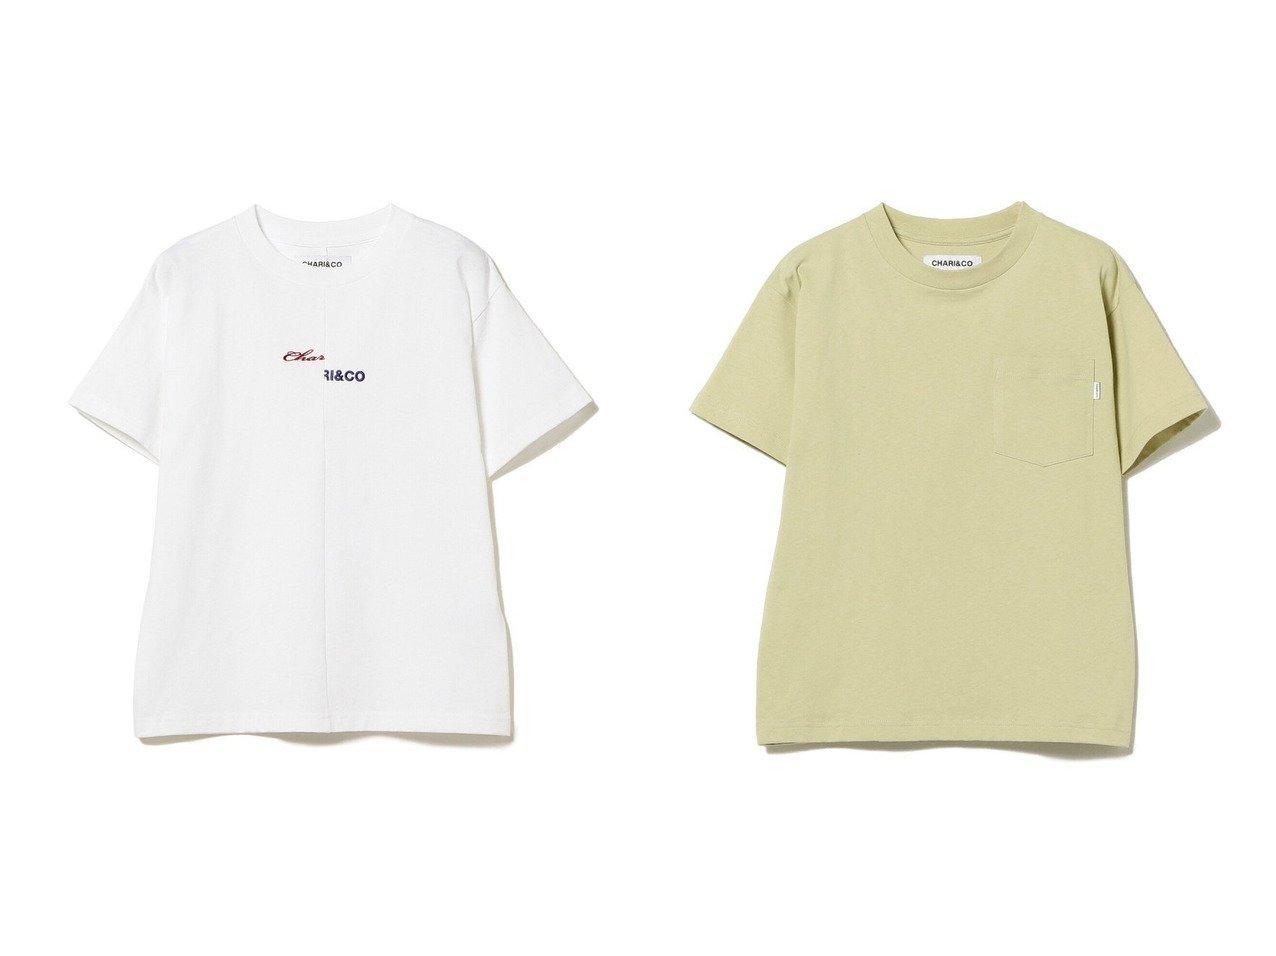 【Ray BEAMS/レイ ビームス】のChari Co. 別注 Split Tシャツ&Chari Co. × 別注 Subway Tシャツ 別注・限定・コラボなど、おすすめ!人気トレンド・レディースファッション通販 おすすめで人気の流行・トレンド、ファッションの通販商品 メンズファッション・キッズファッション・インテリア・家具・レディースファッション・服の通販 founy(ファニー) https://founy.com/ ファッション Fashion レディースファッション WOMEN トップス・カットソー Tops/Tshirt シャツ/ブラウス Shirts/Blouses ロング / Tシャツ T-Shirts カットソー Cut and Sewn NEW・新作・新着・新入荷 New Arrivals カットソー グラフィック バランス モチーフ 人気 別注 |ID:crp329100000038101